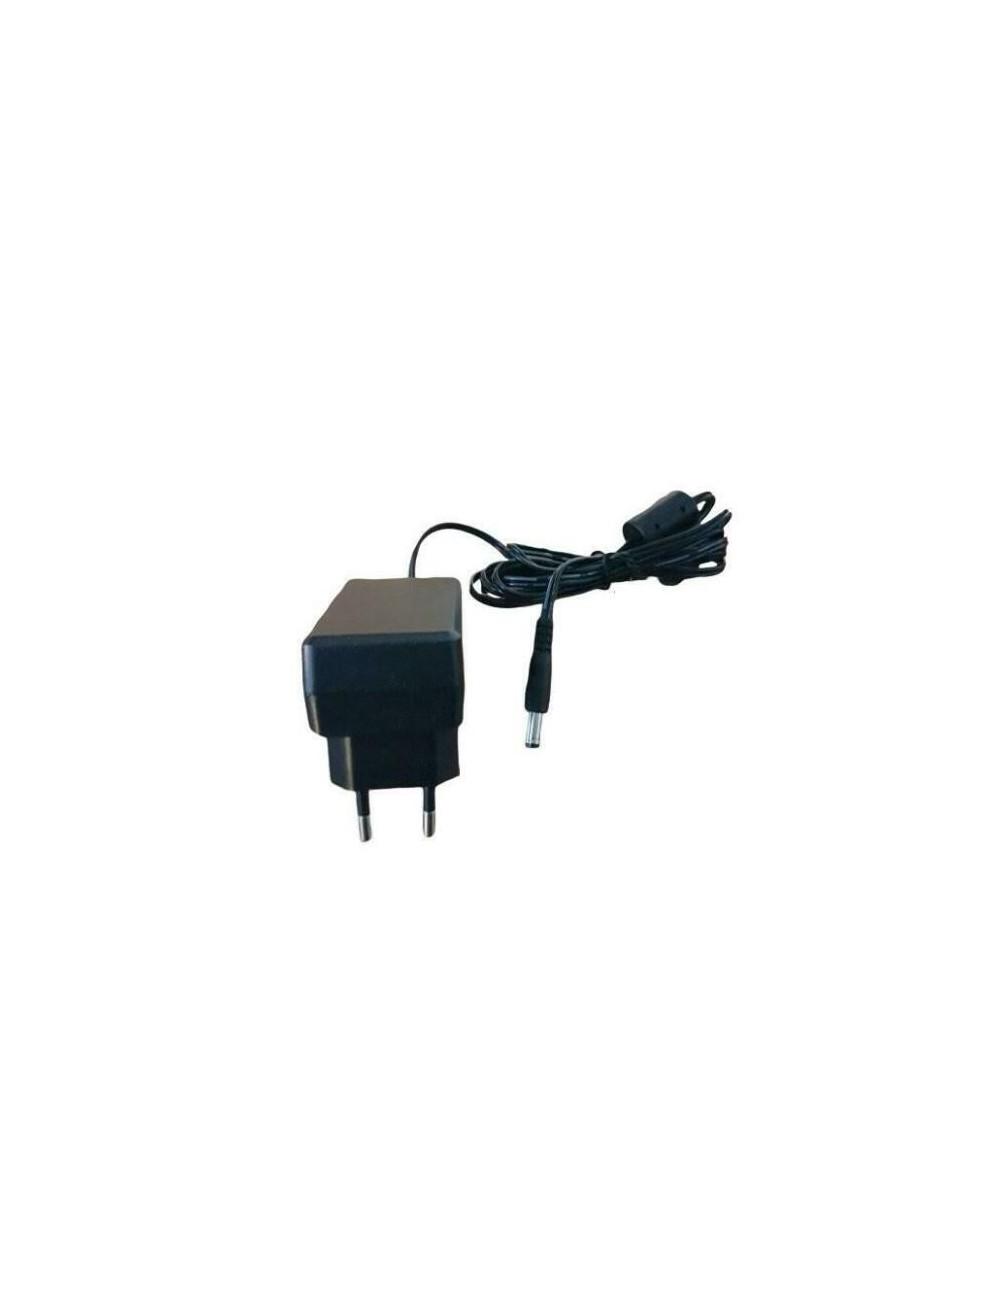 3090 Cargador corriente pared Conga 1690 3490 y 4090 Repuesto accesorio aspir